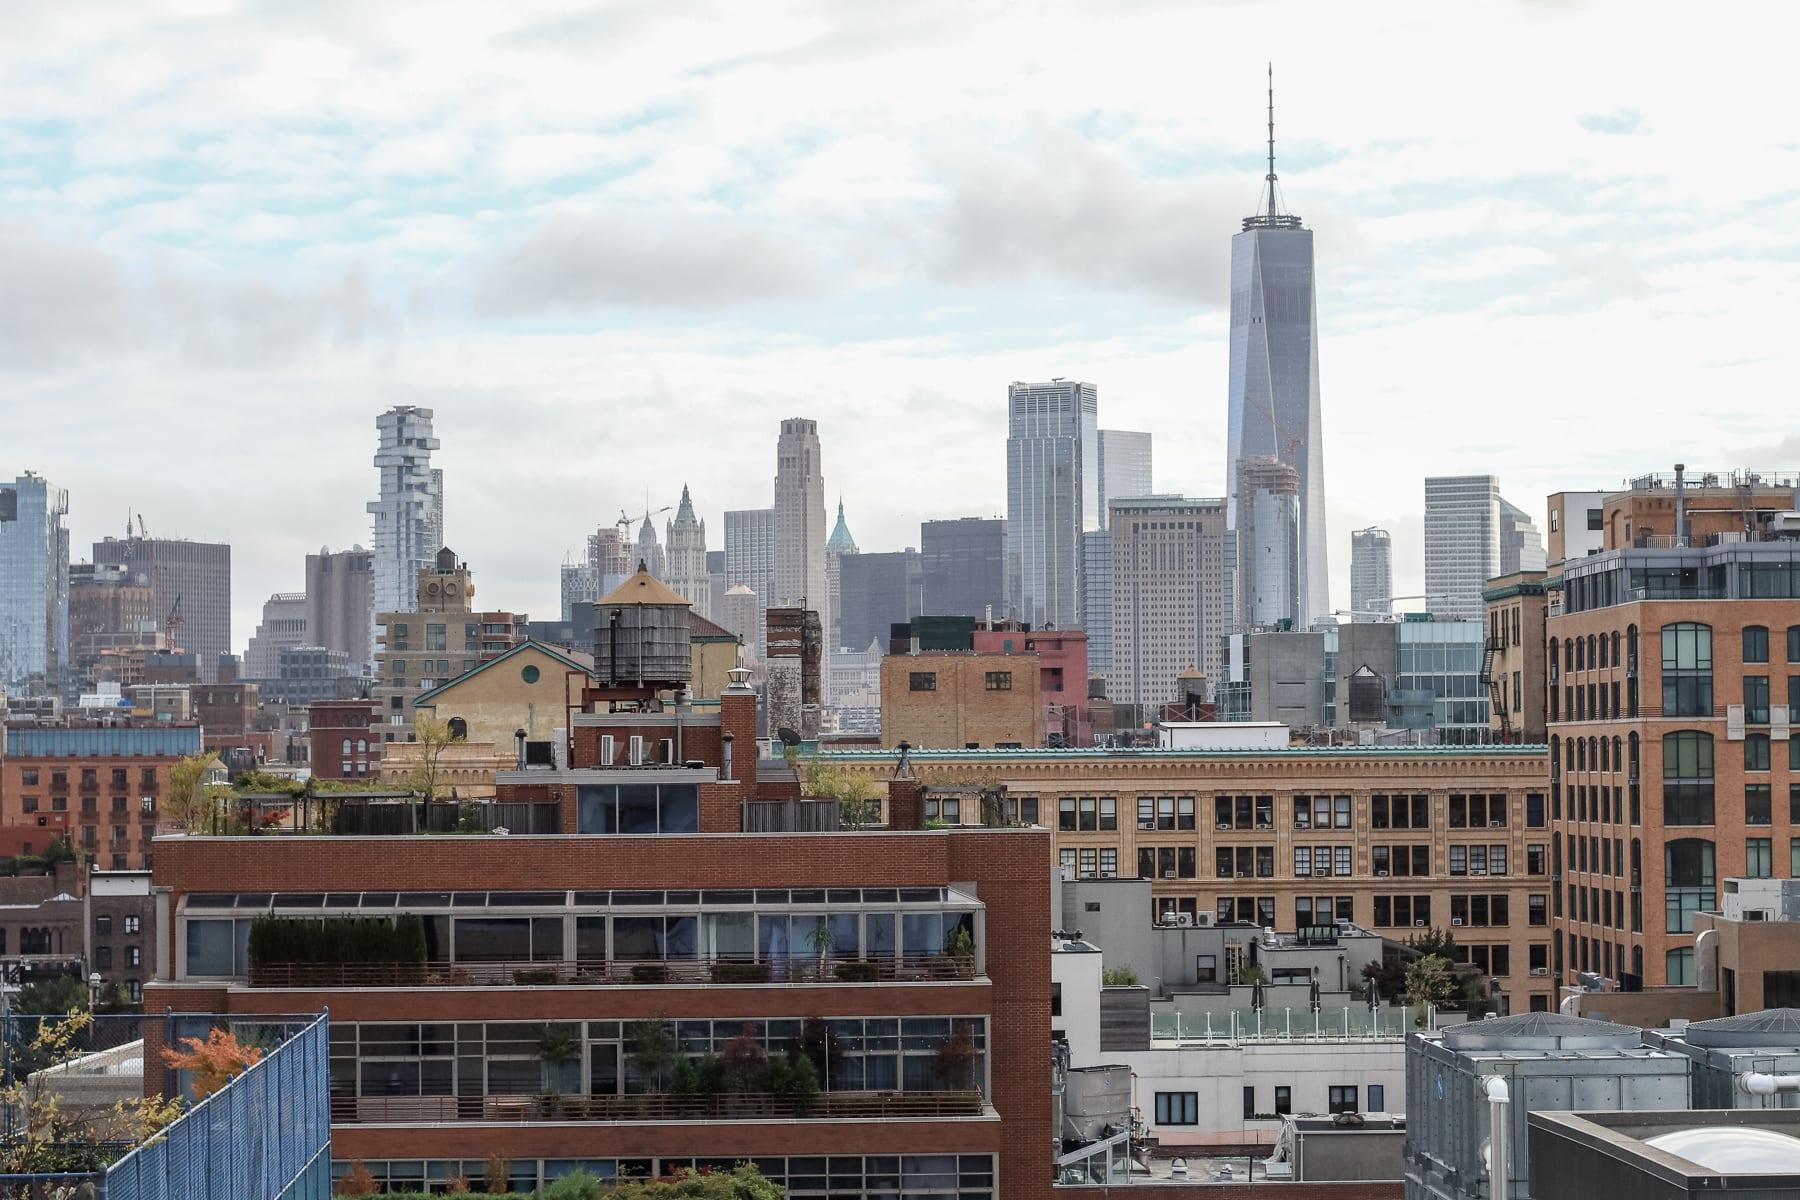 08-NY-journey-rooftop05-1.jpg